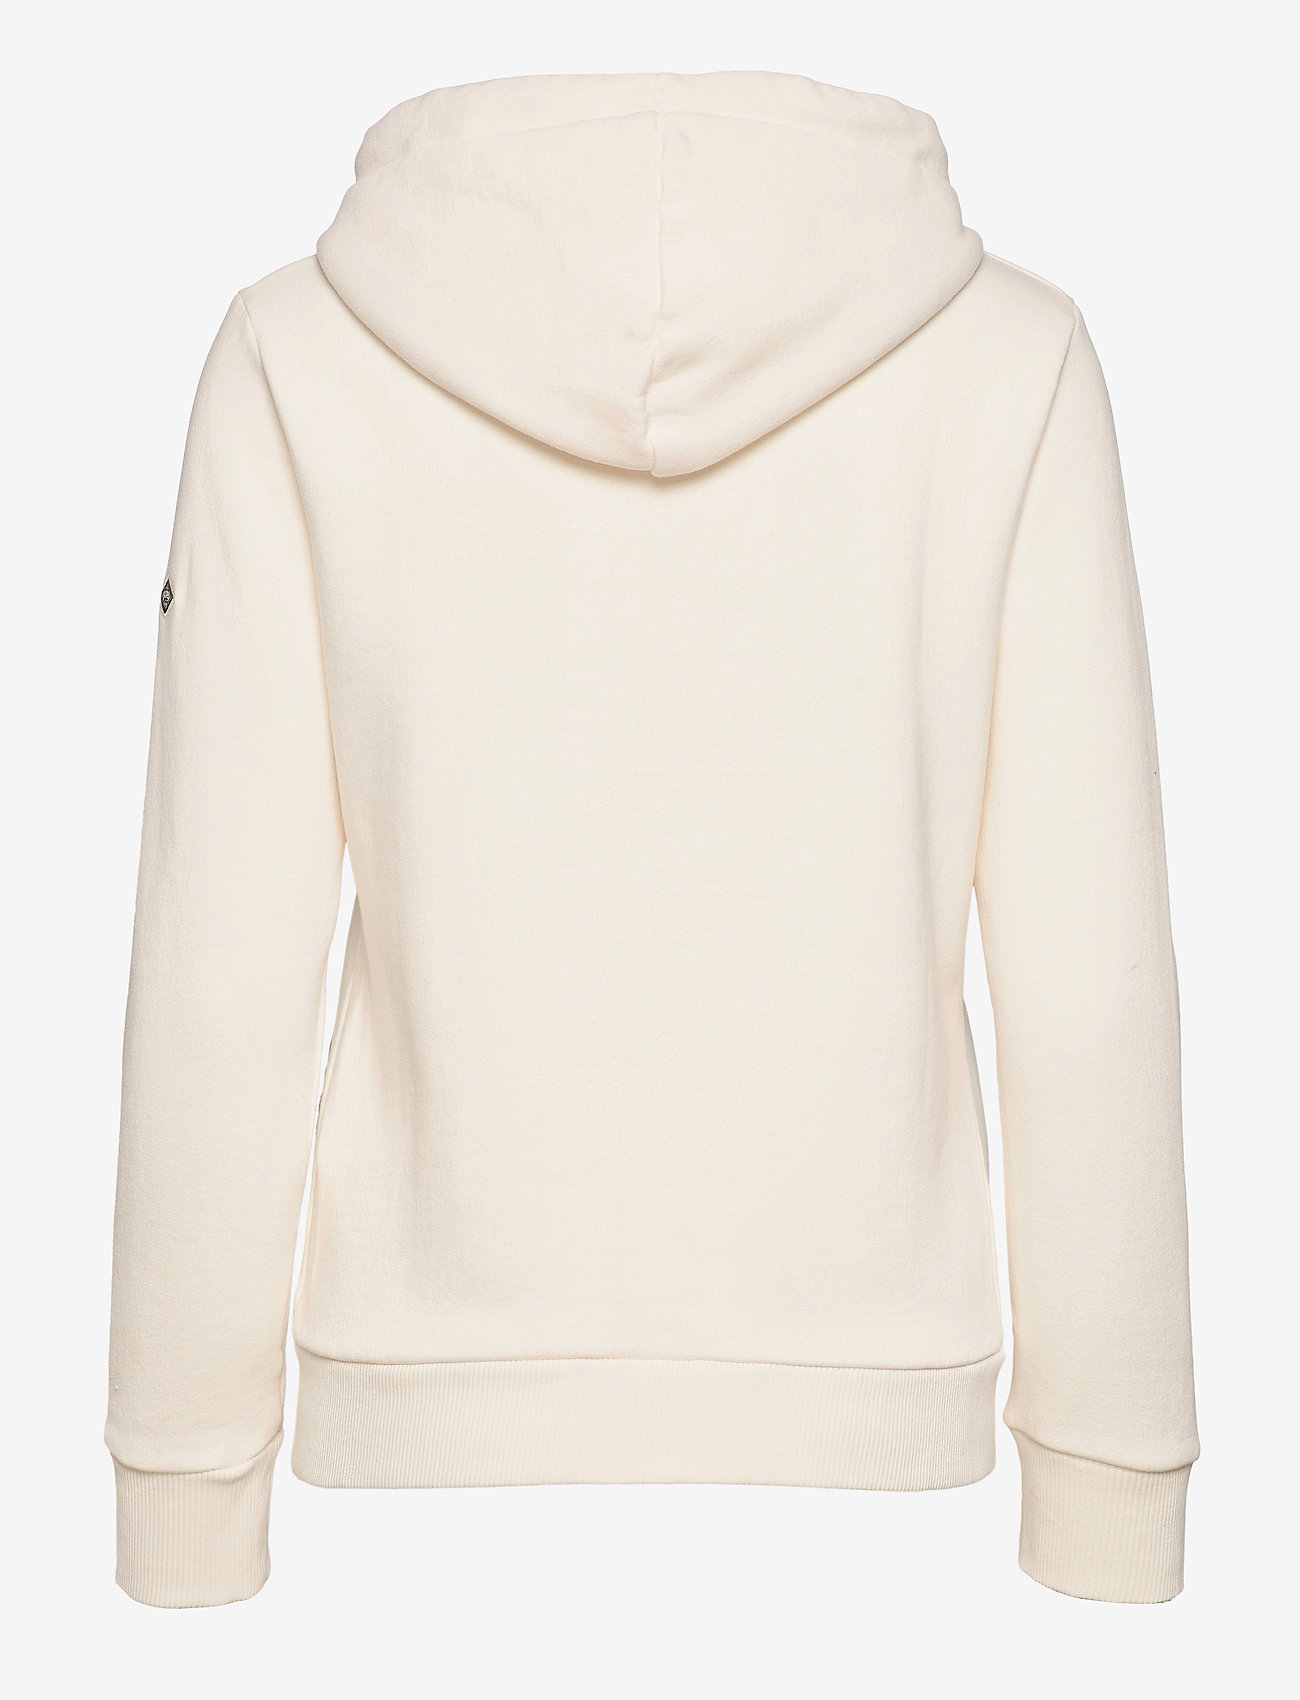 Superdry - VL ITAGO ZIP HOOD - hoodies - cream quartz - 1